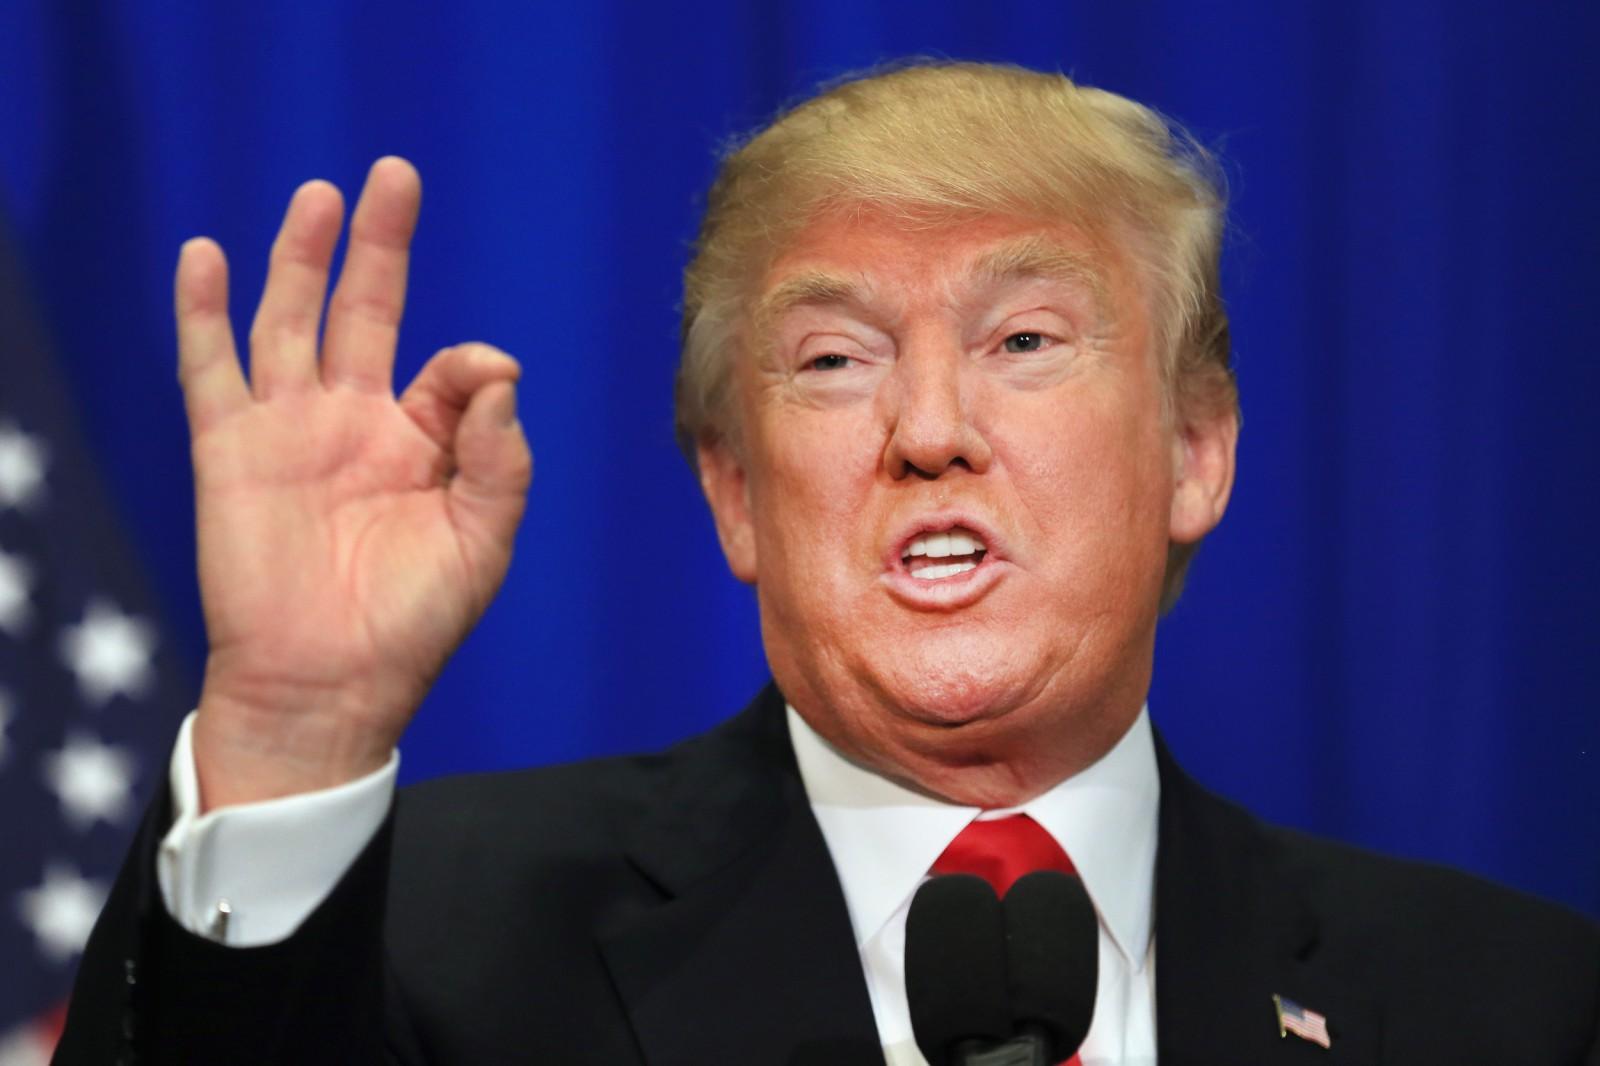 Puteri mondiale condamnă decizia lui Trump de a recunoaște Ierusalimul drept capitala Israelului